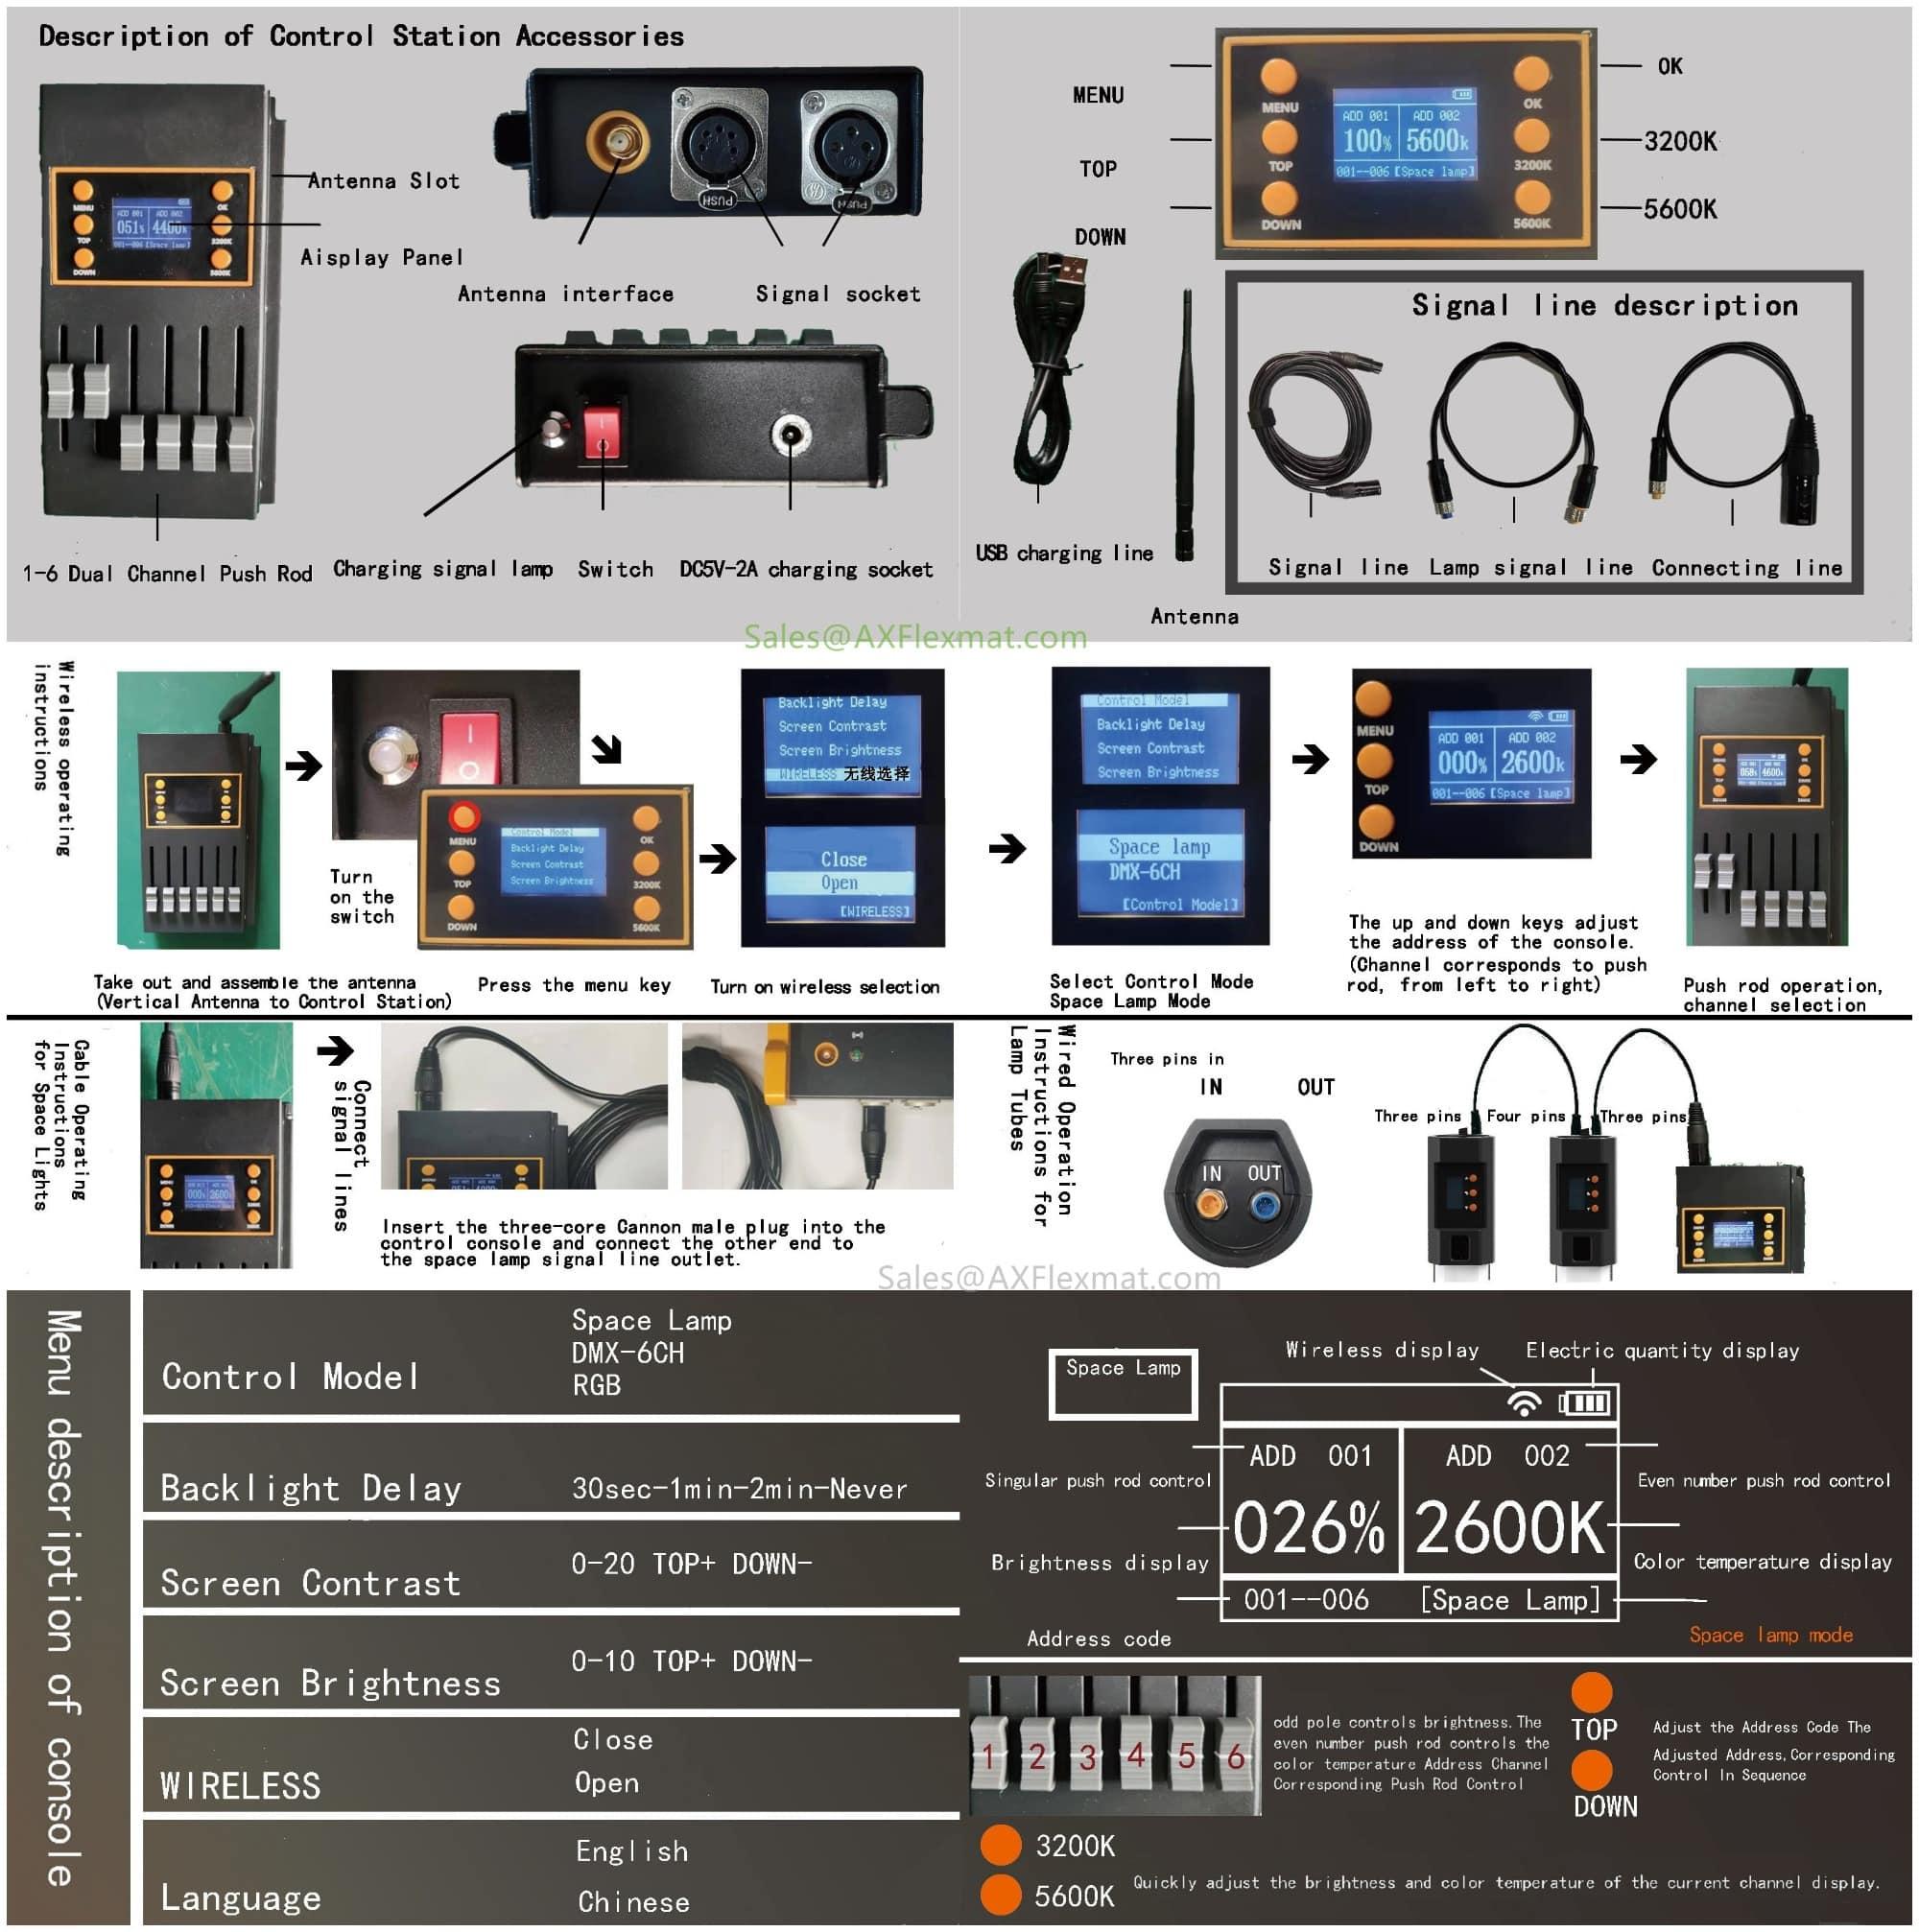 dmx wireless control instruction